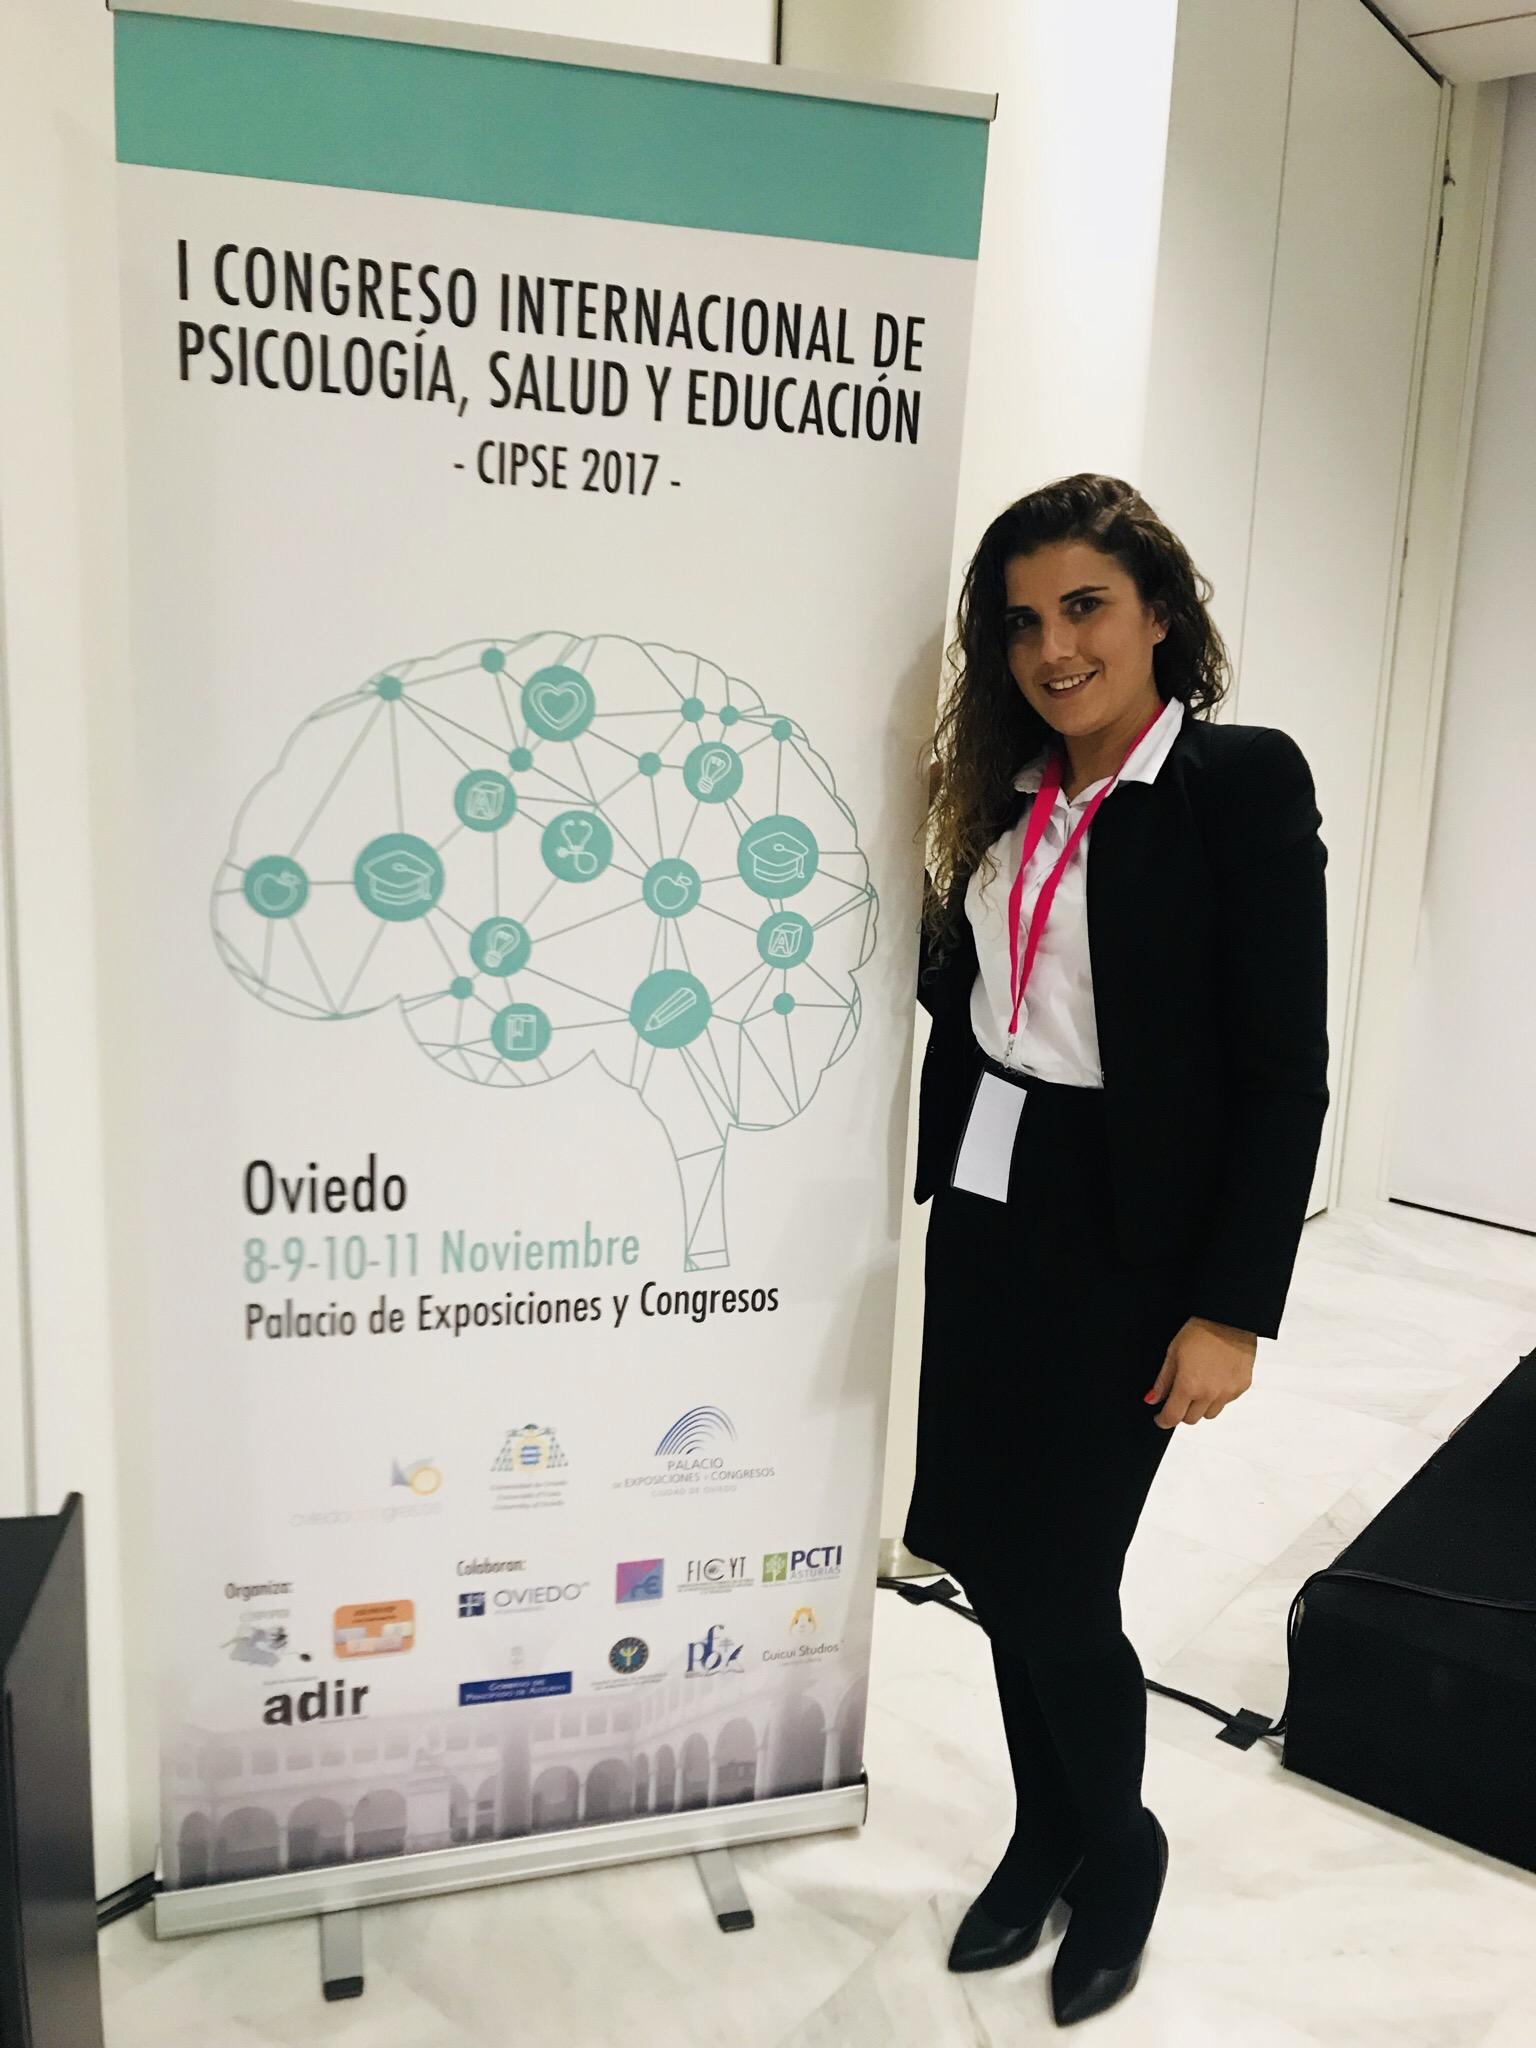 Dra. Zaira Santana-Amador con el cartel del congreso cipse